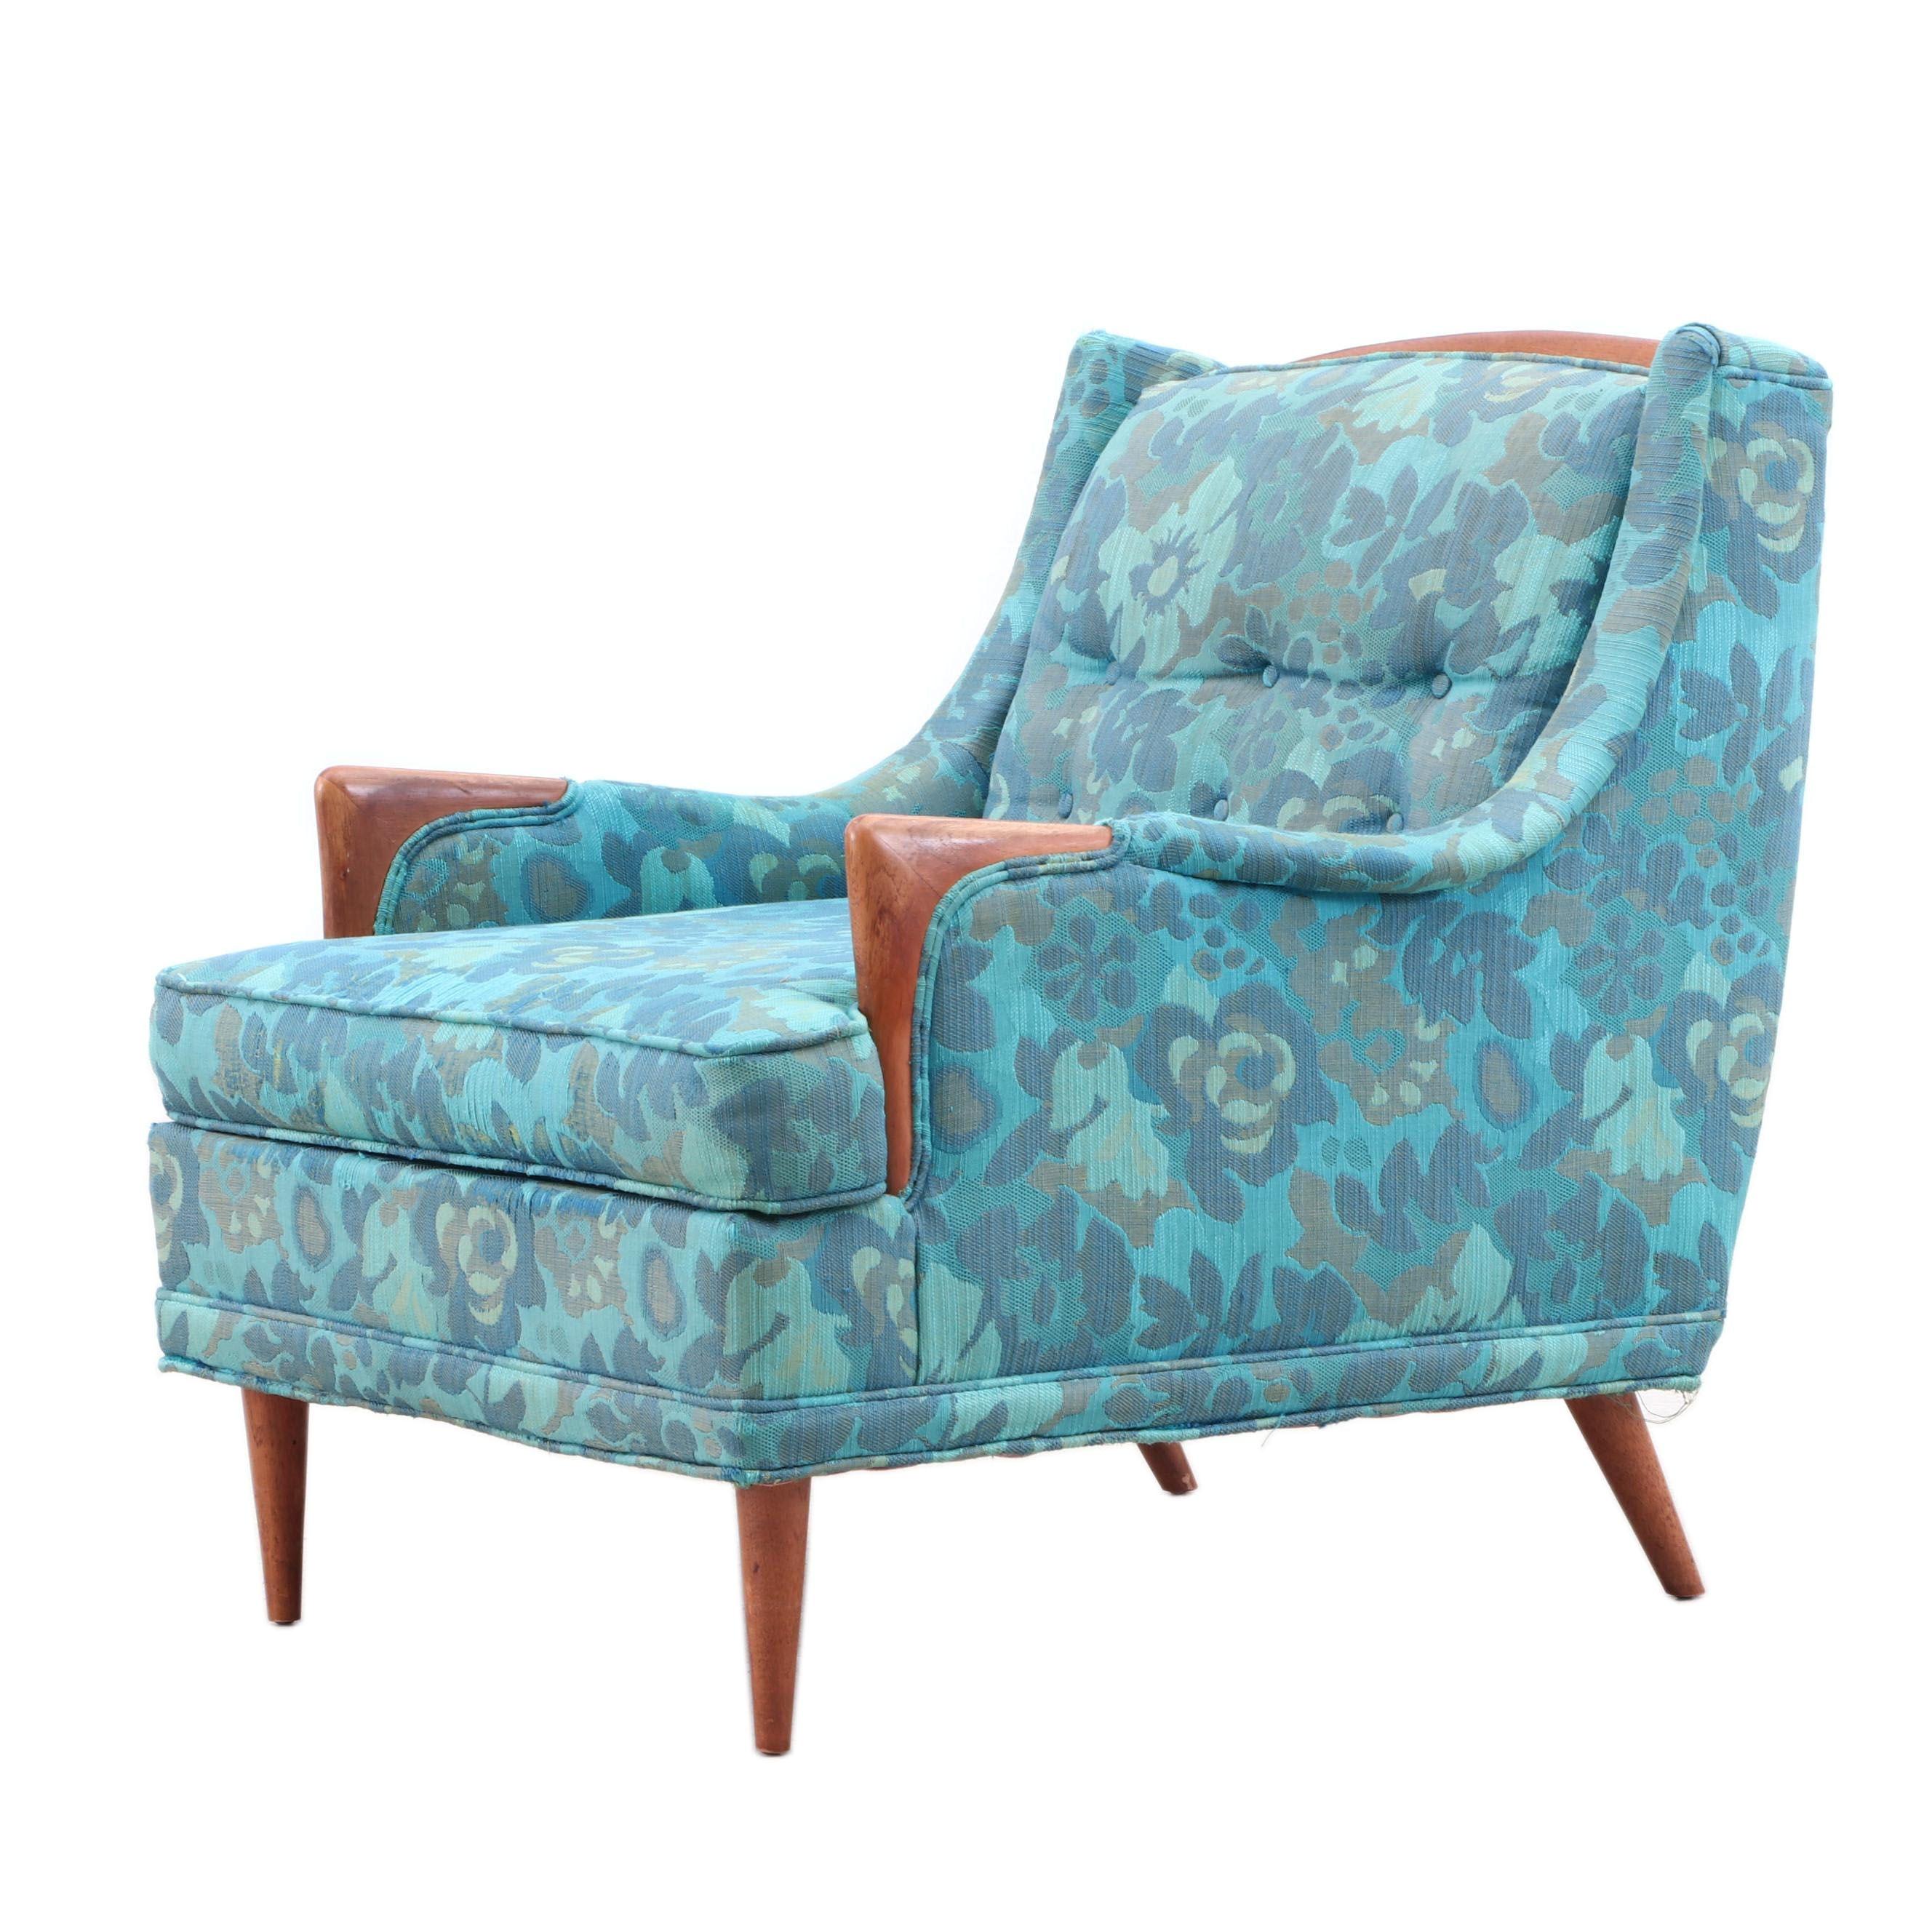 Avant Design for Kroehler Upholstered Arm Chair, Mid 20th Century